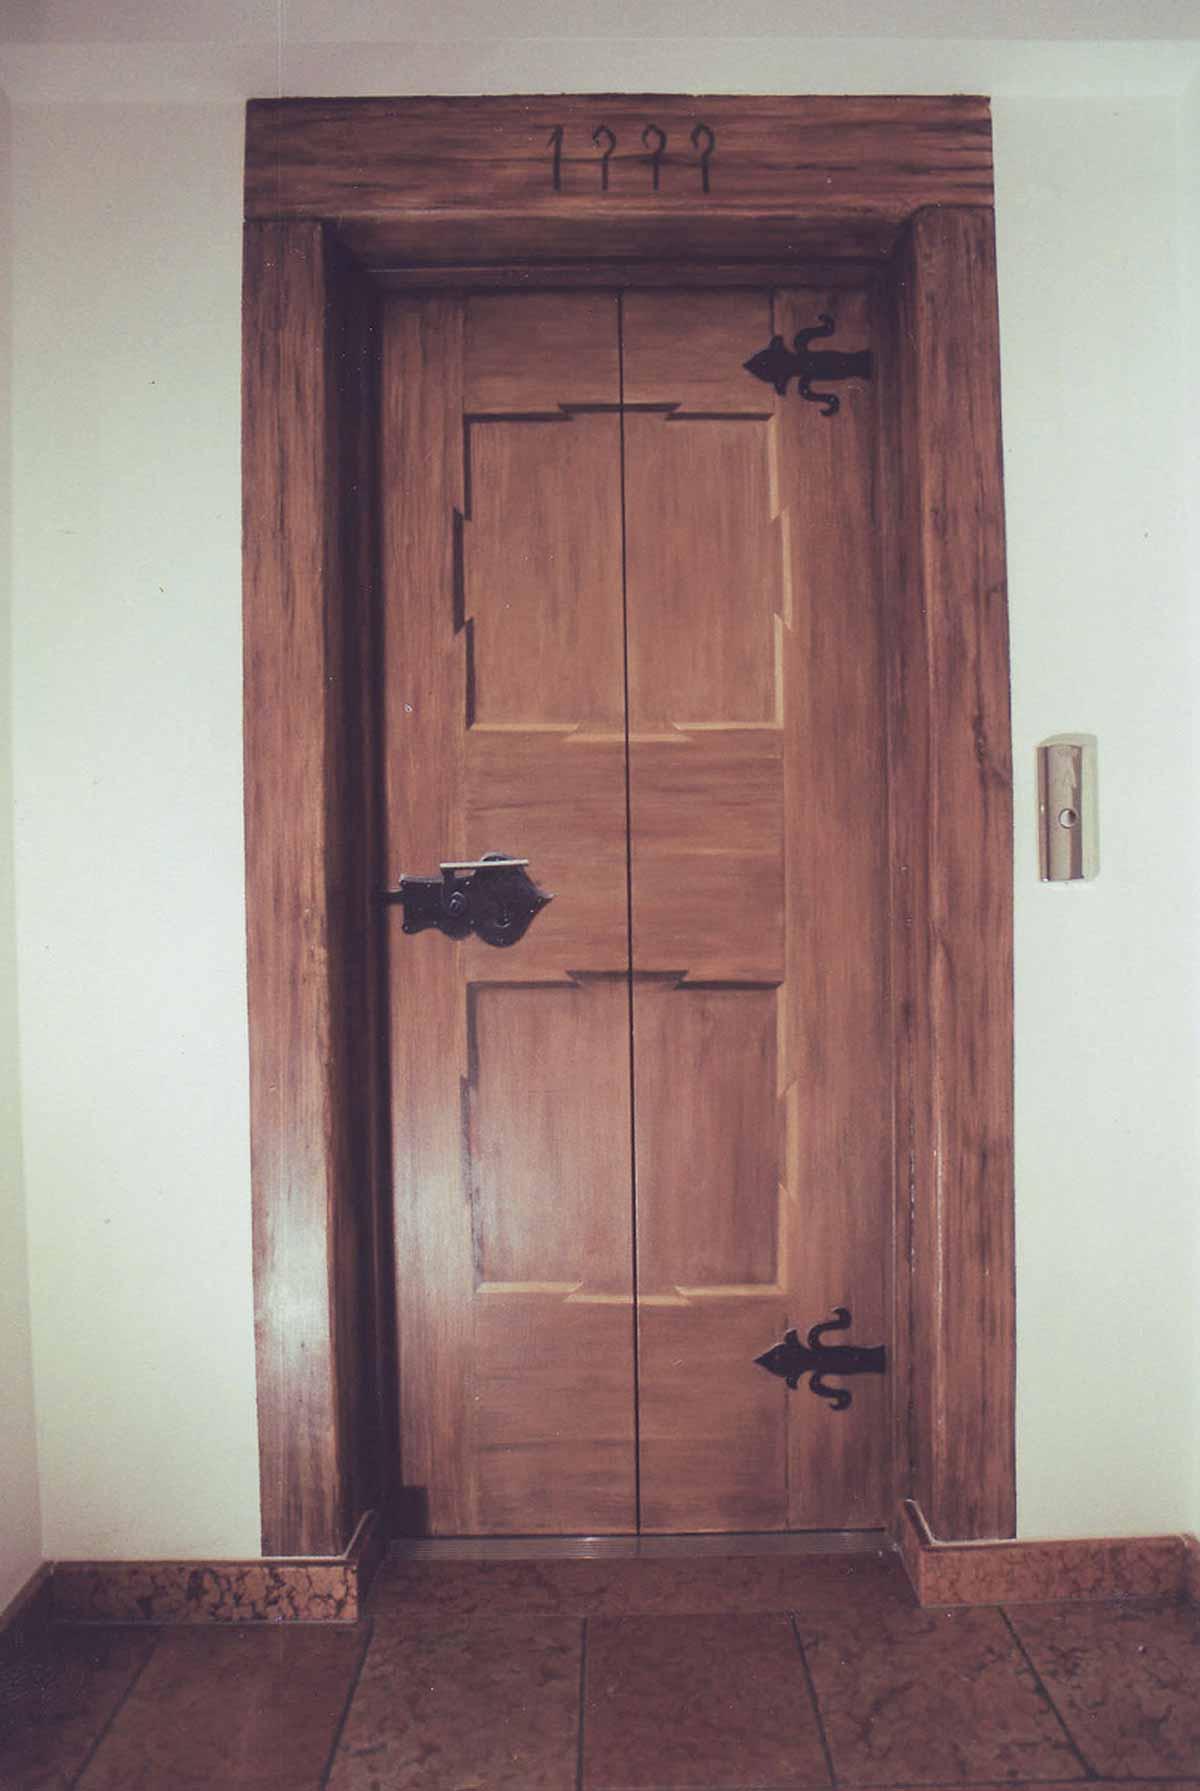 Lifttueren Kunst Malerei - realistische Malerei einer Holztüre auf eine Lifttüre